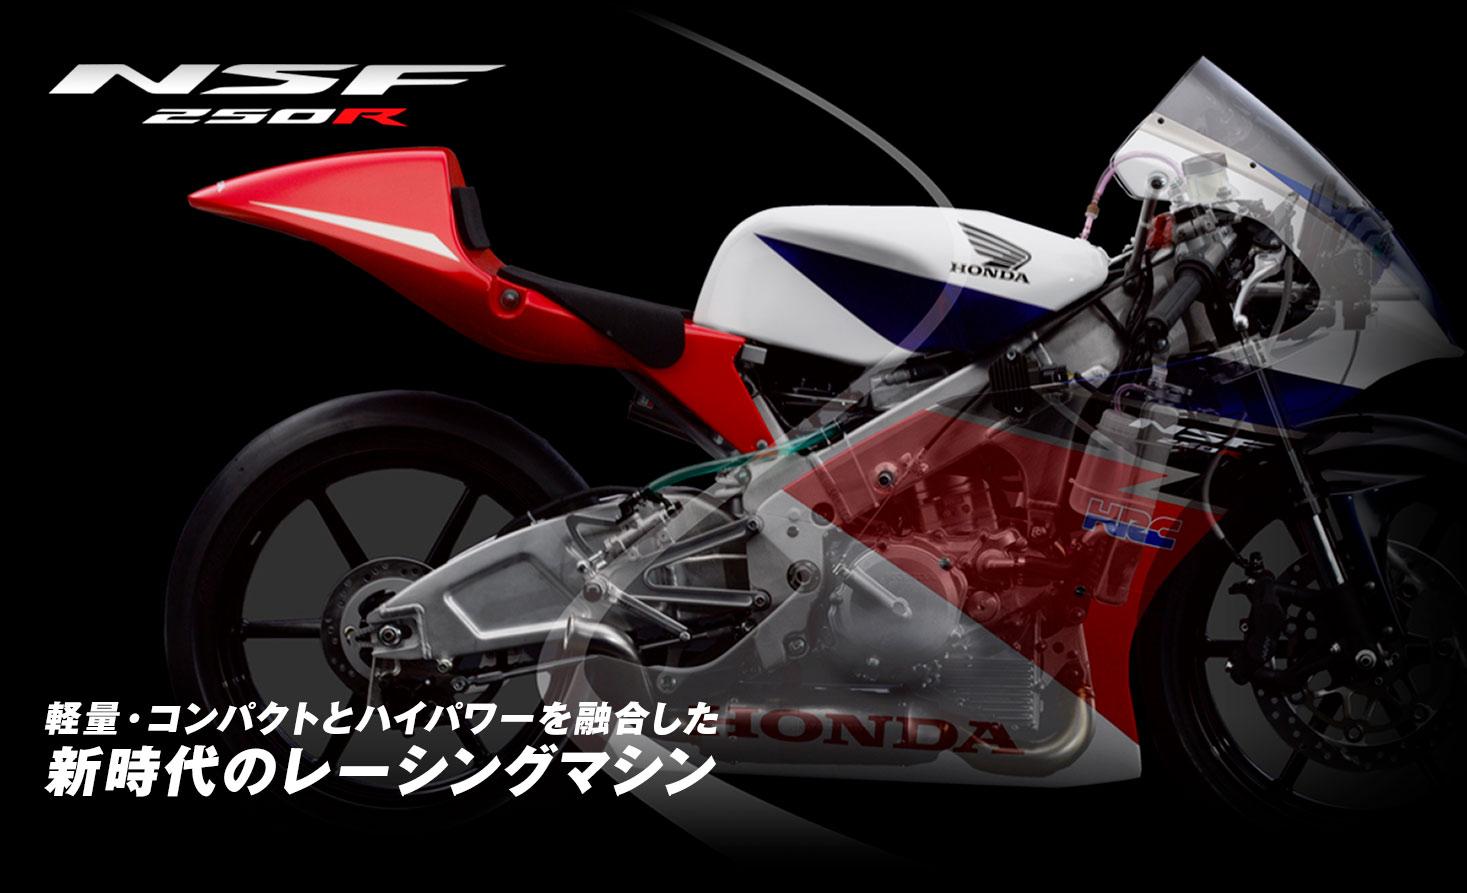 Nsf250r 株式会社ホンダ レーシング